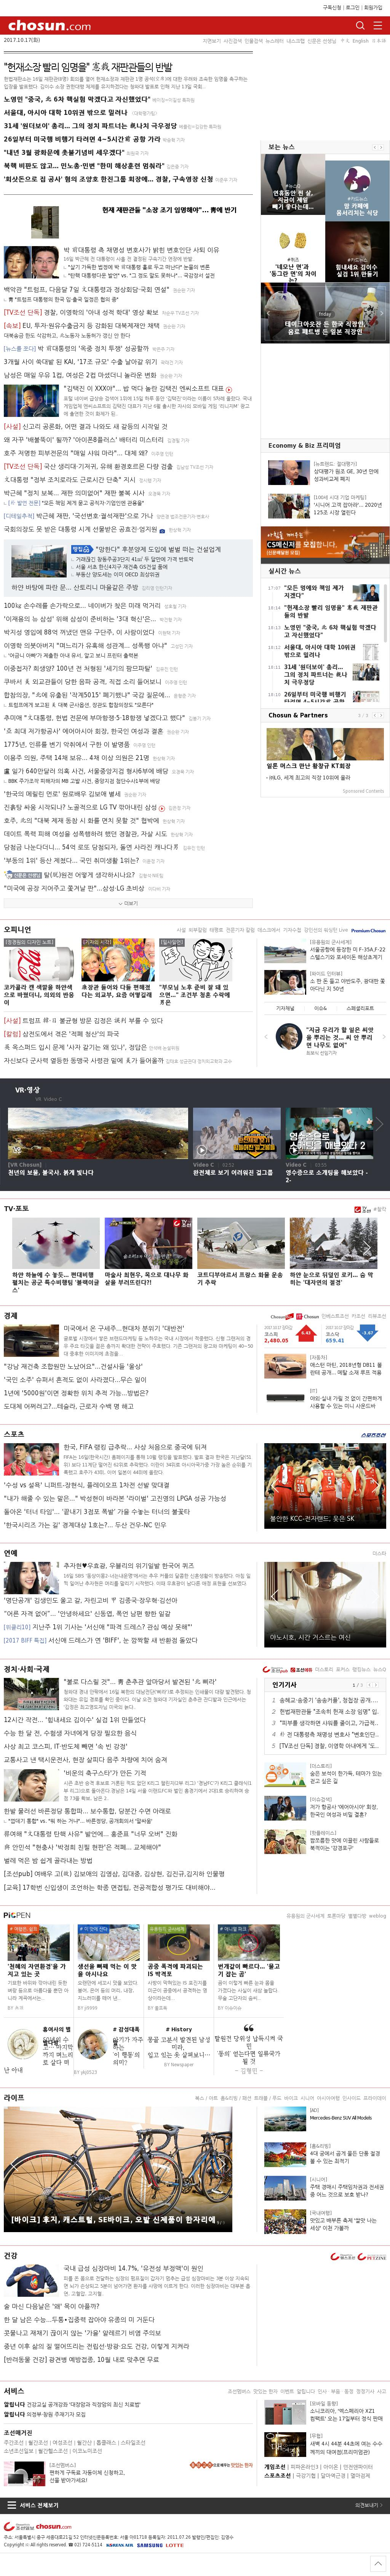 chosun.com at Monday Oct. 16, 2017, 9:01 p.m. UTC